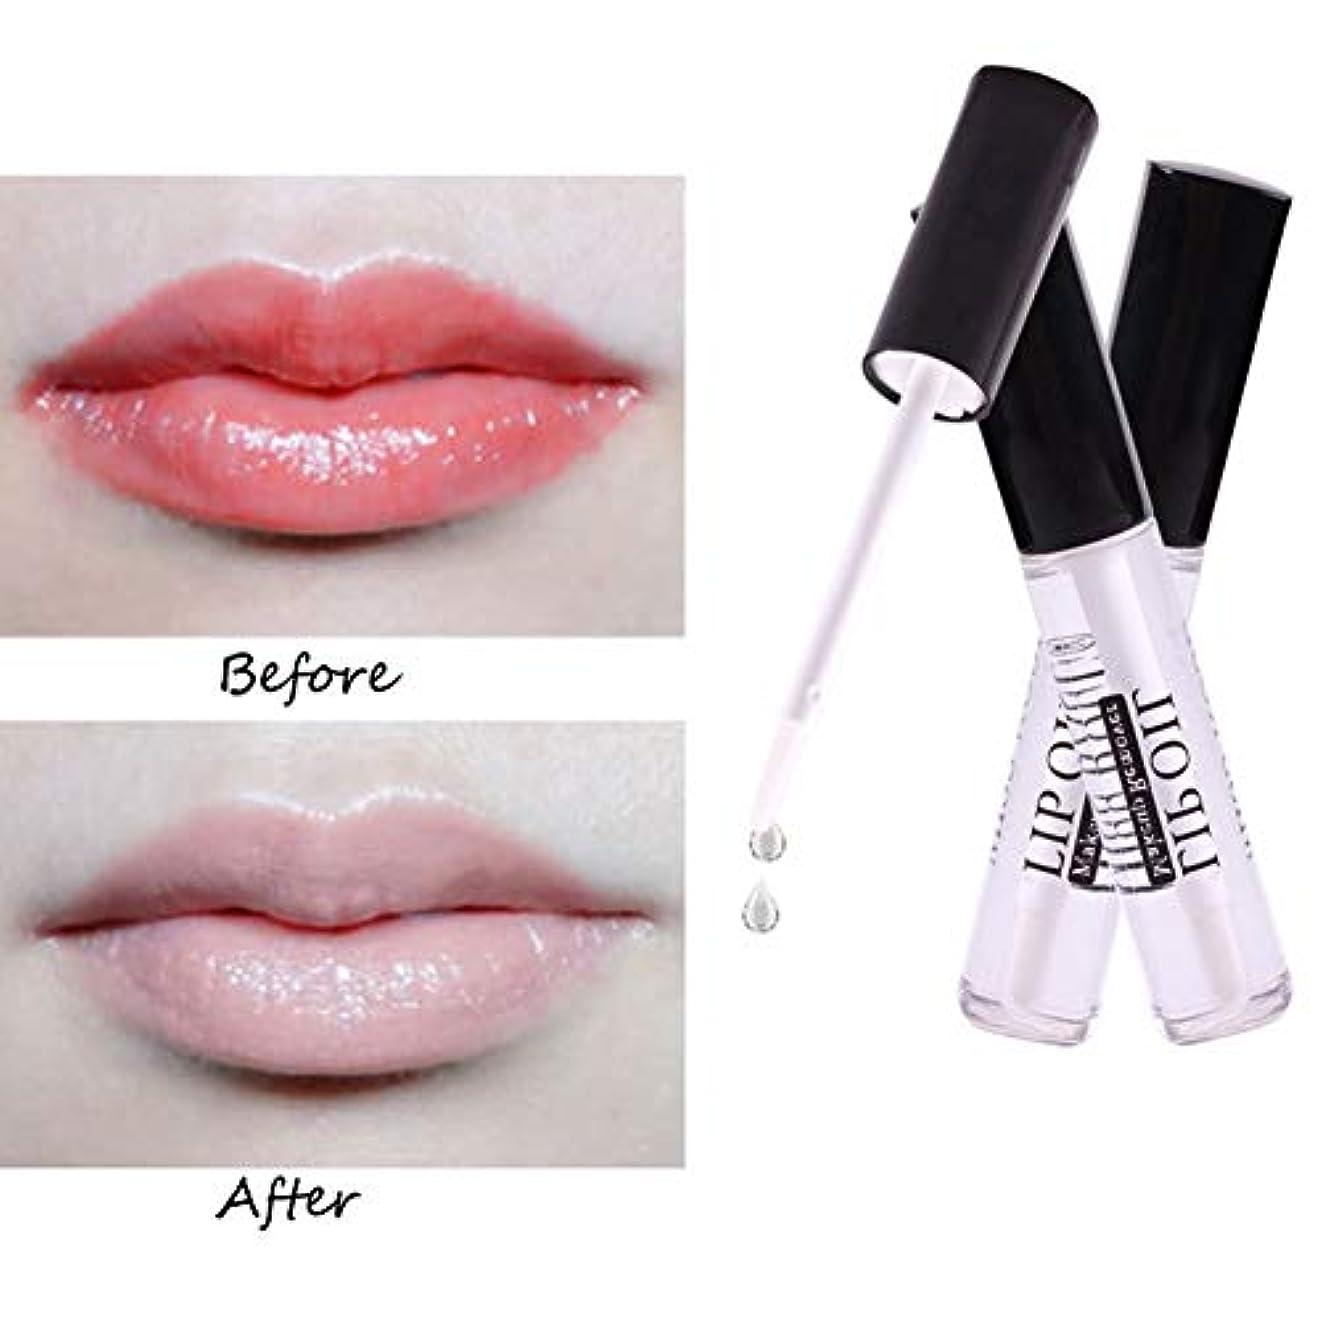 静める埋める交渉するACHICOO クレンジングオイル リップグロス·リップスティック·口紅専用 唇 保湿 健康 プロ化粧